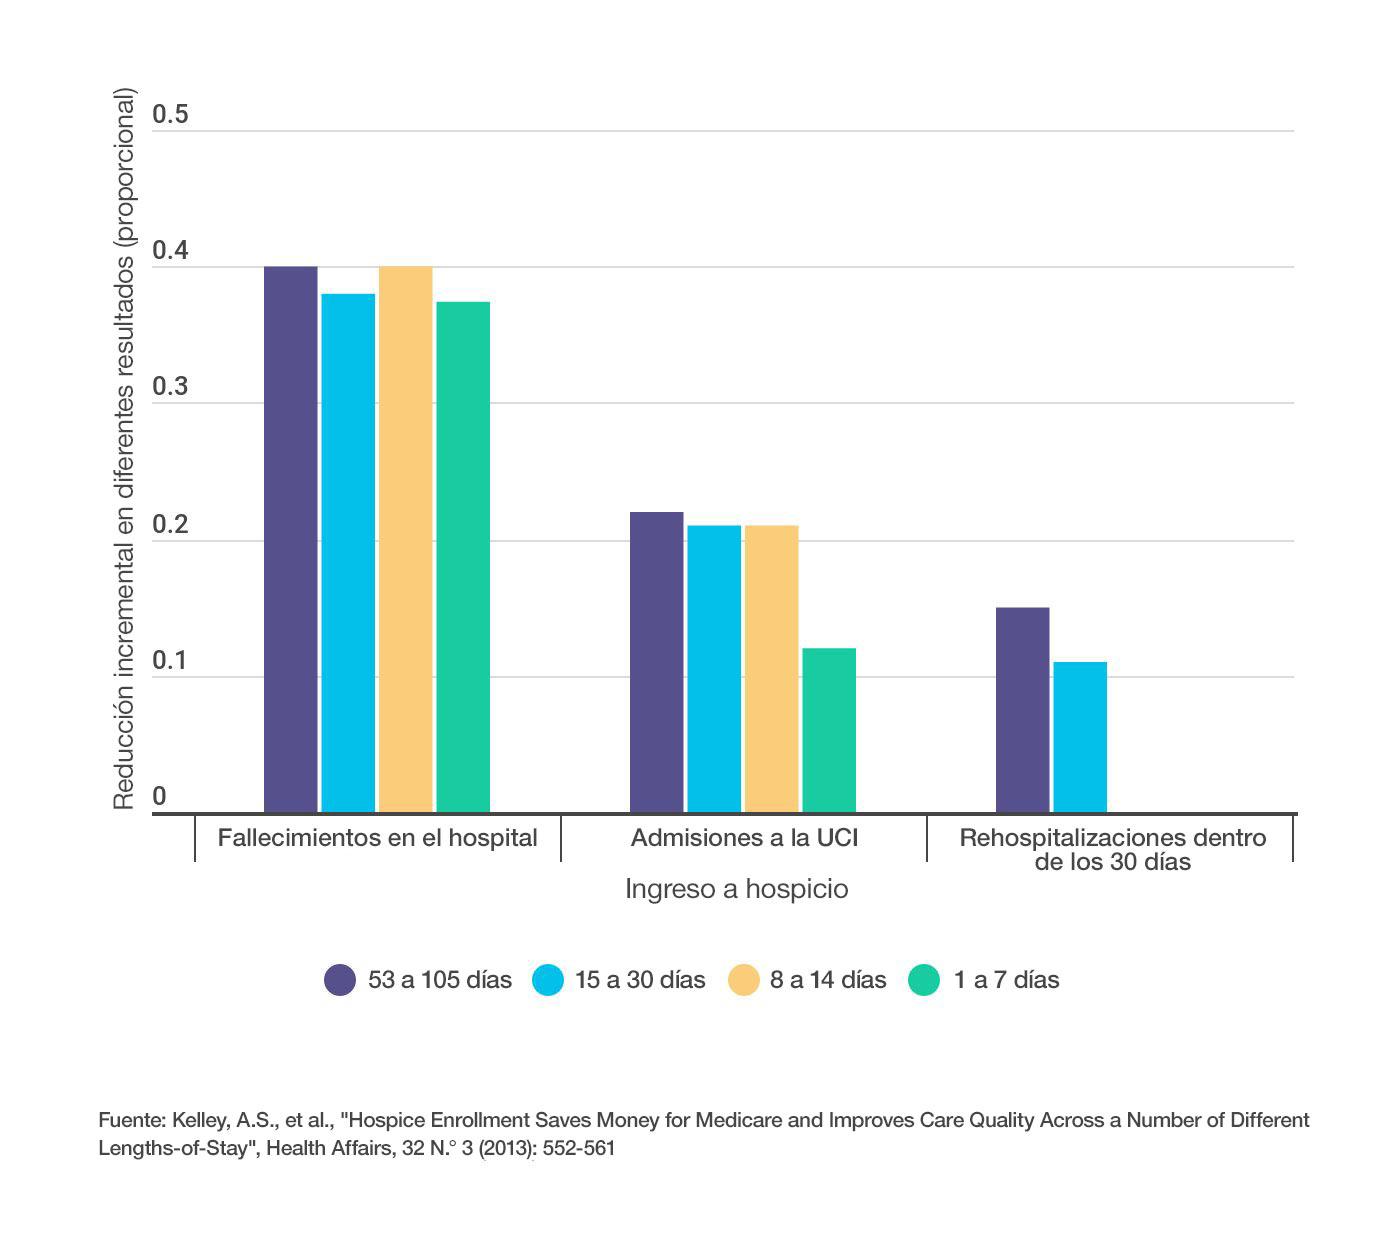 Con la utilización de servicios de hospicio se redujo significativamente la cantidad de fallecimientos en el hospital, admisiones a UCI y rehospitalizaciones dentro de los30 días en cada período de ingreso estudiado.